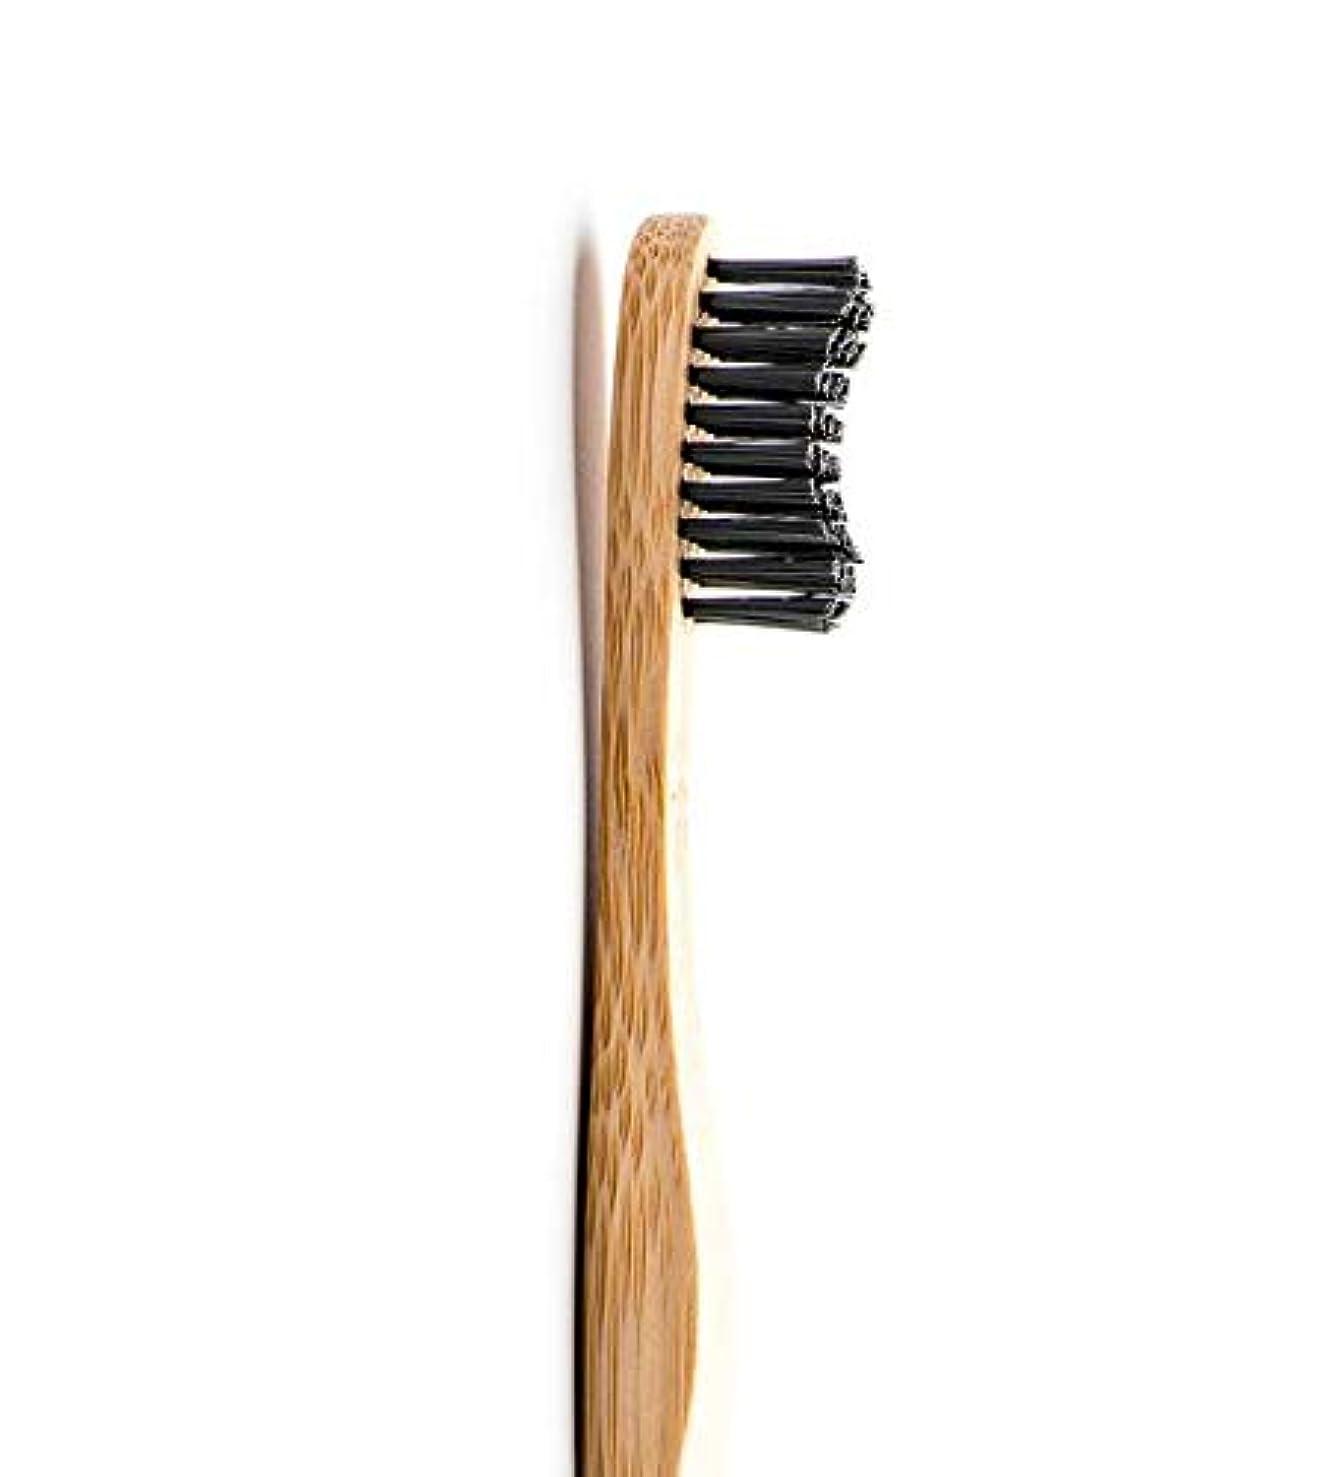 サークルジェスチャー石膏THE HUMBLE CO.(ザ?ハンブル?コー) 歯ブラシ 大人用 ブラック